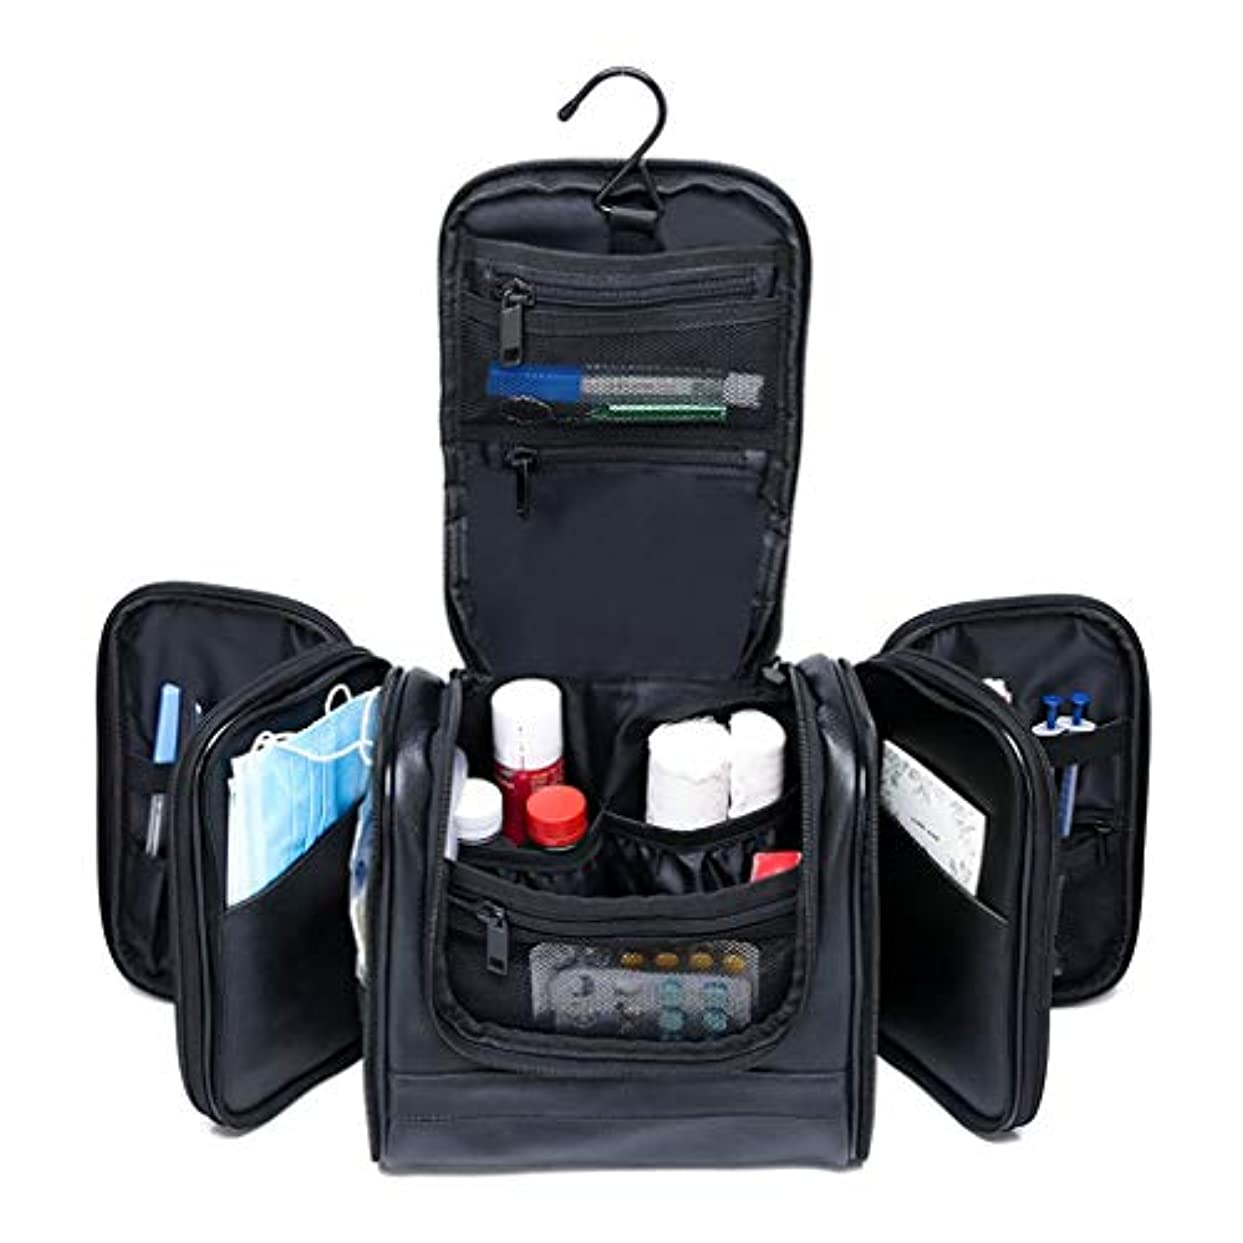 ご予約穏やかなバクテリア応急処置キット 旅行医療キット旅行緊急キット応急処置キット多機能ポータブルデザイン多層コンパートメント大容量黒 SJJOZZ